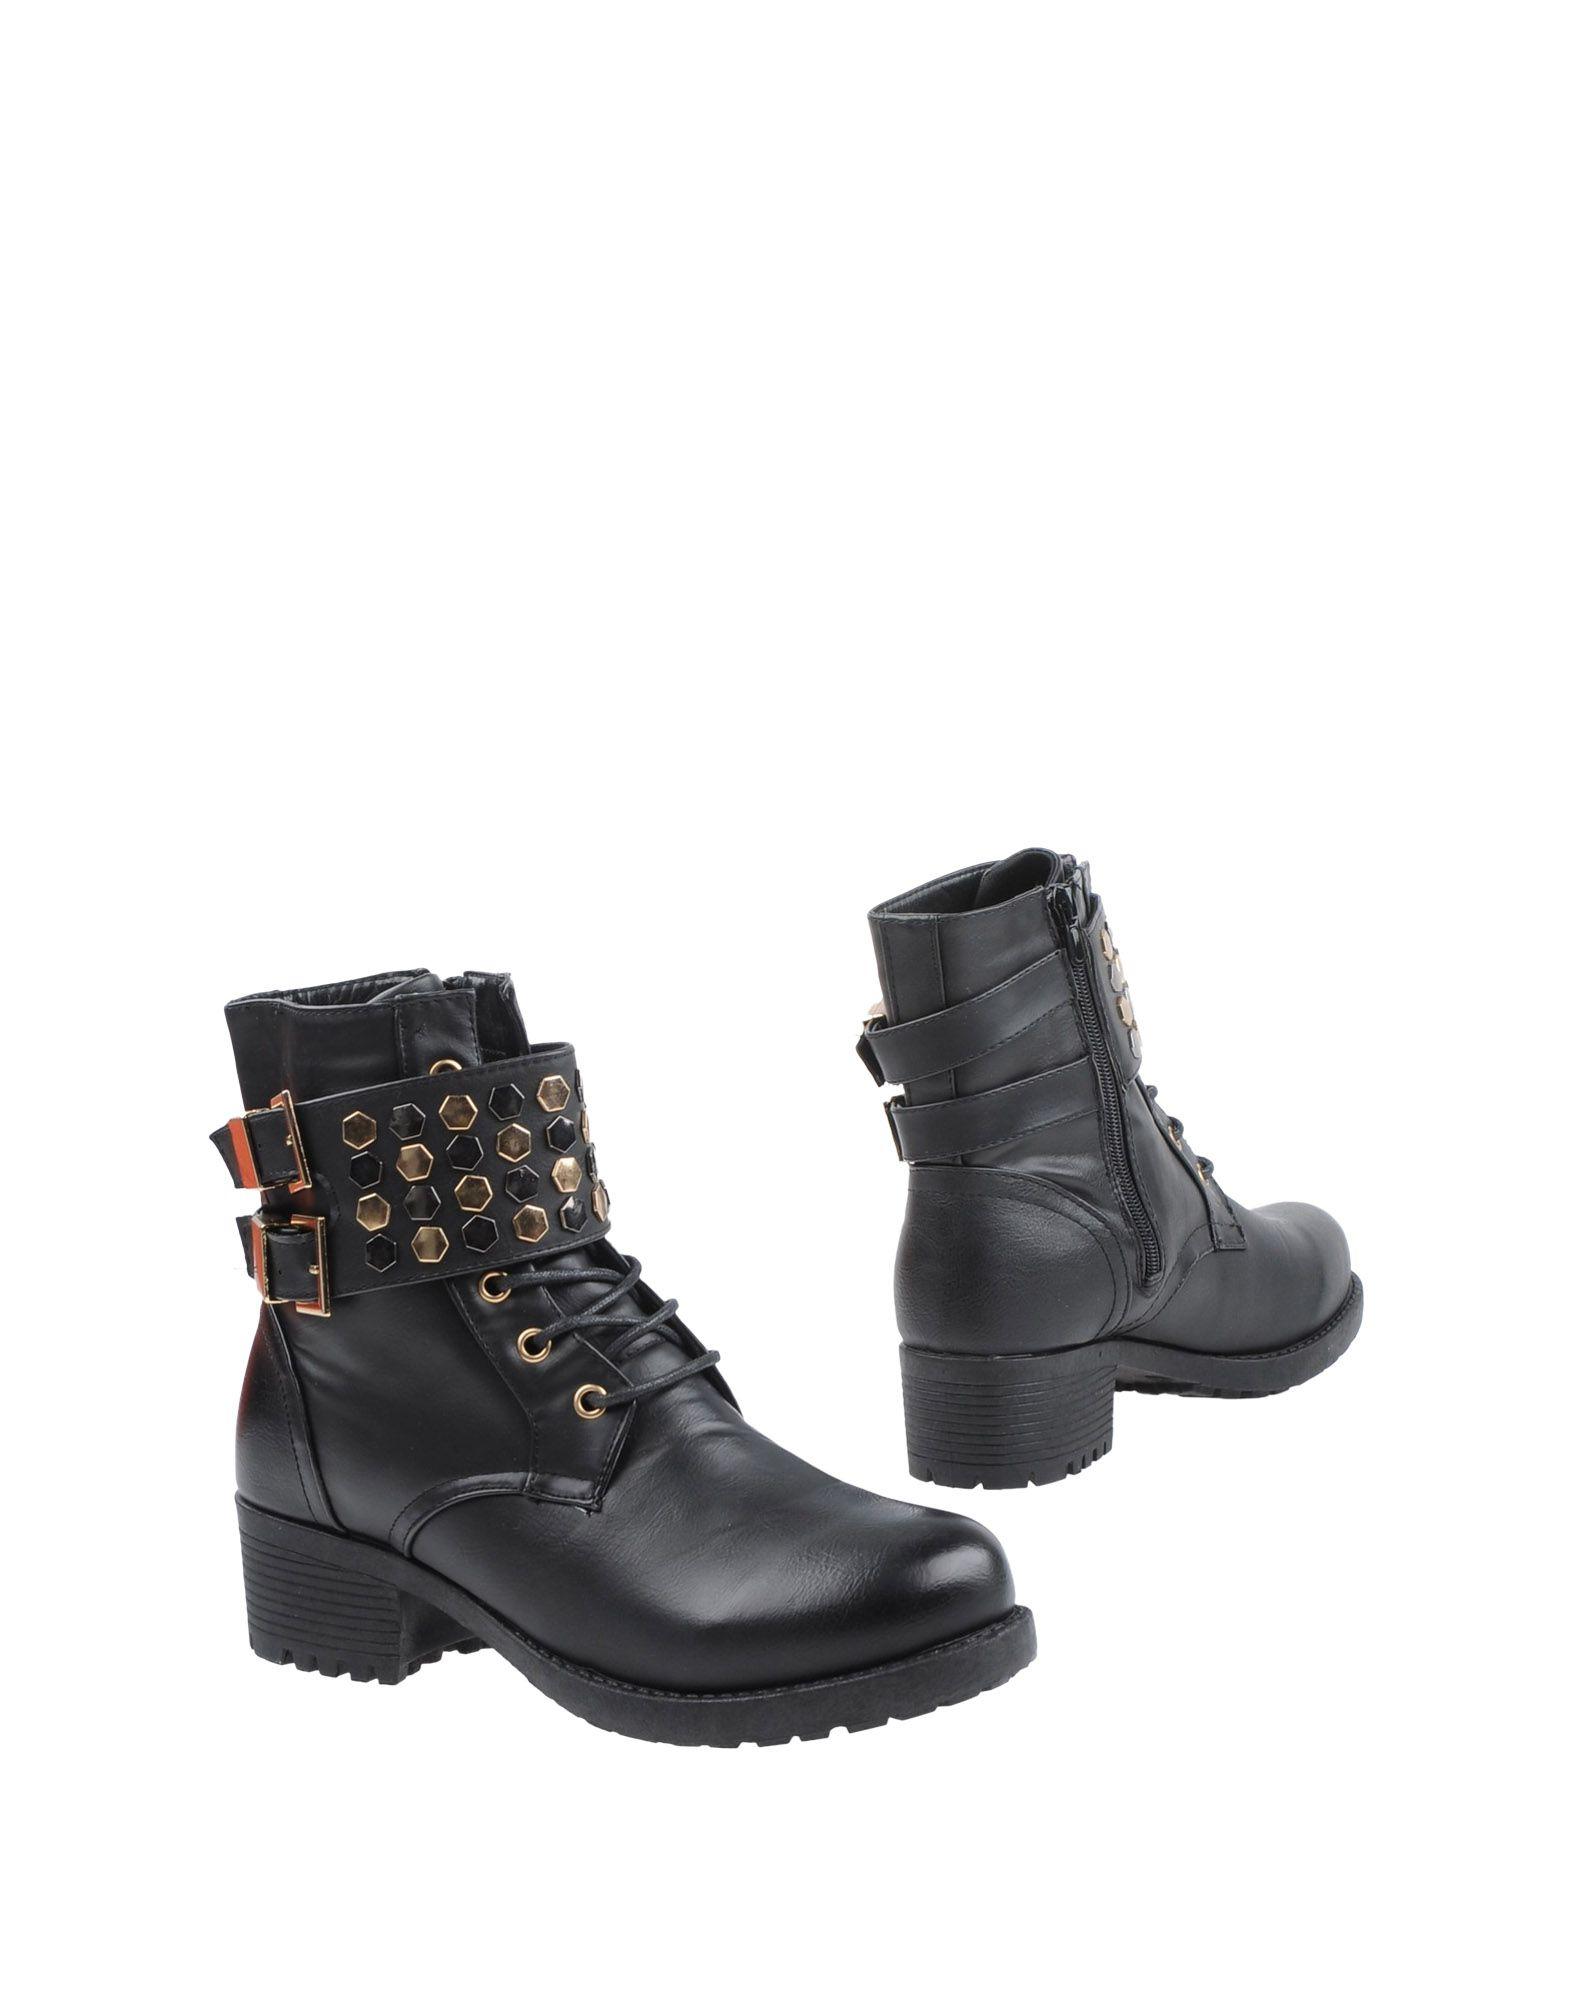 TIFFI Полусапоги и высокие ботинки цены онлайн